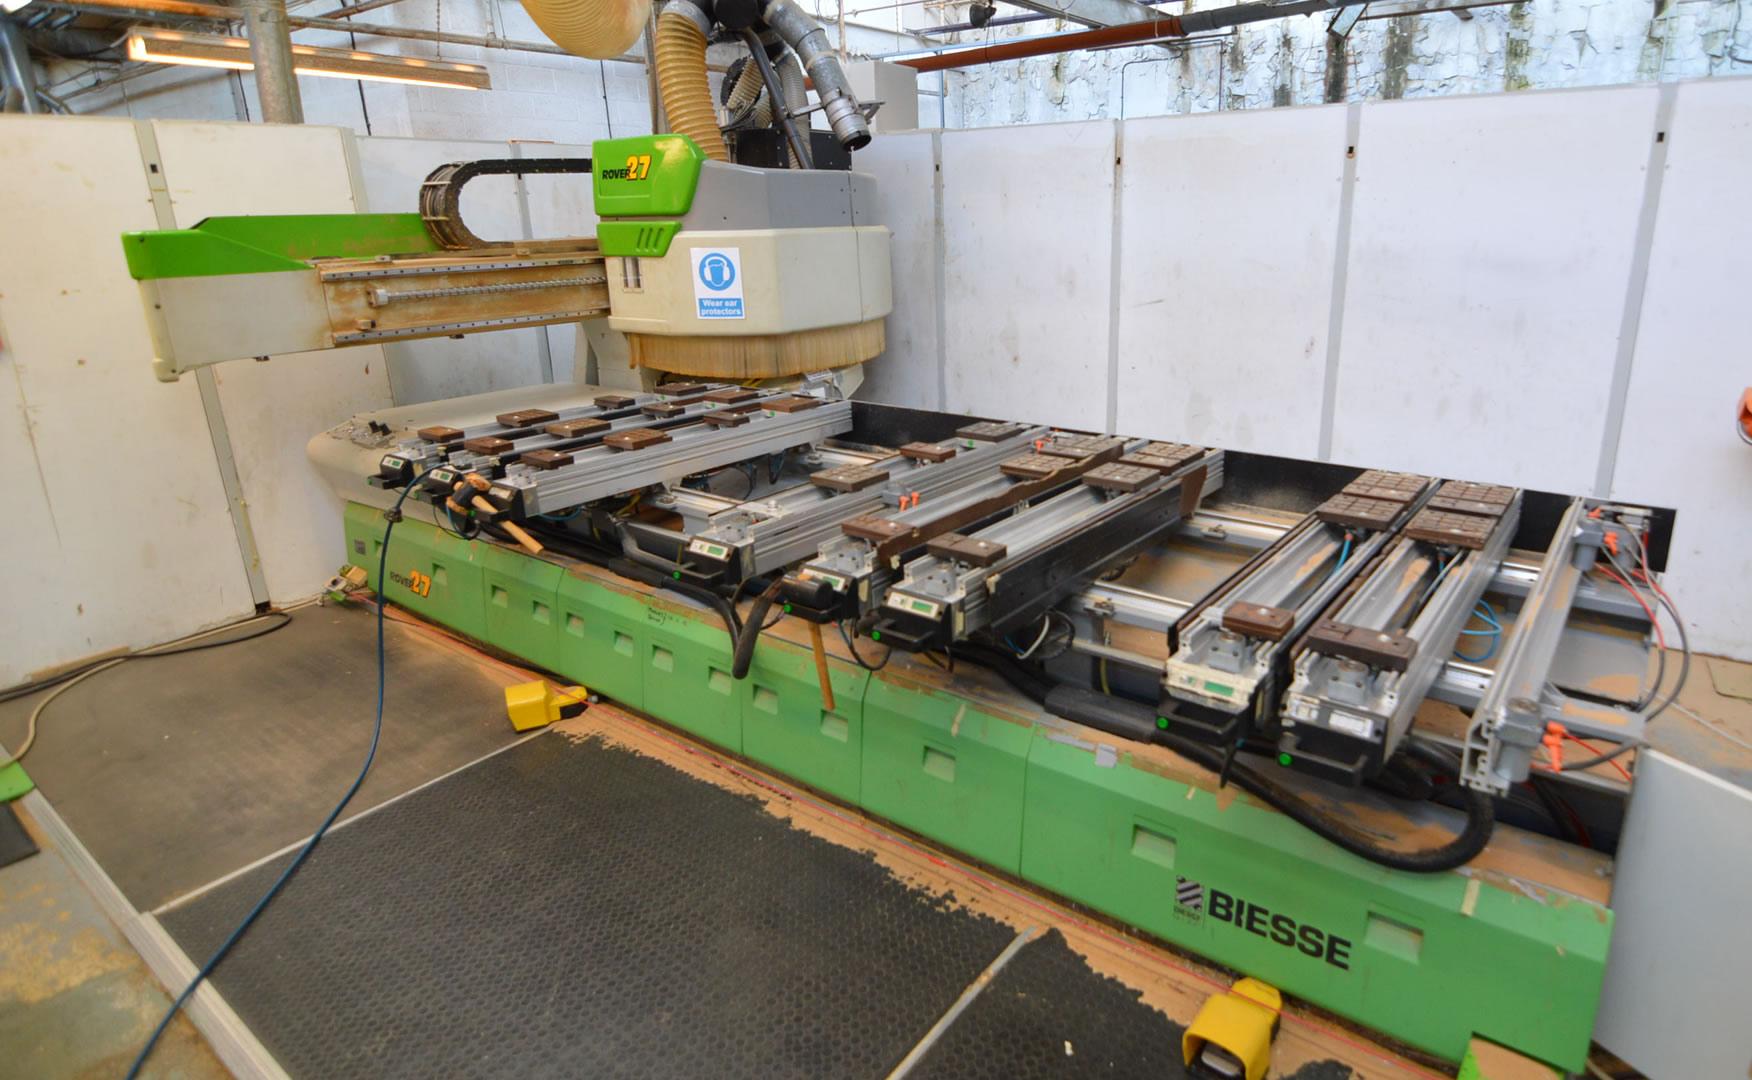 Macchine Per Lavorare Il Legno Usate D Occasione : Osa macchine per legno u2013 vendita e affilatura utensili u2013 osa srl è